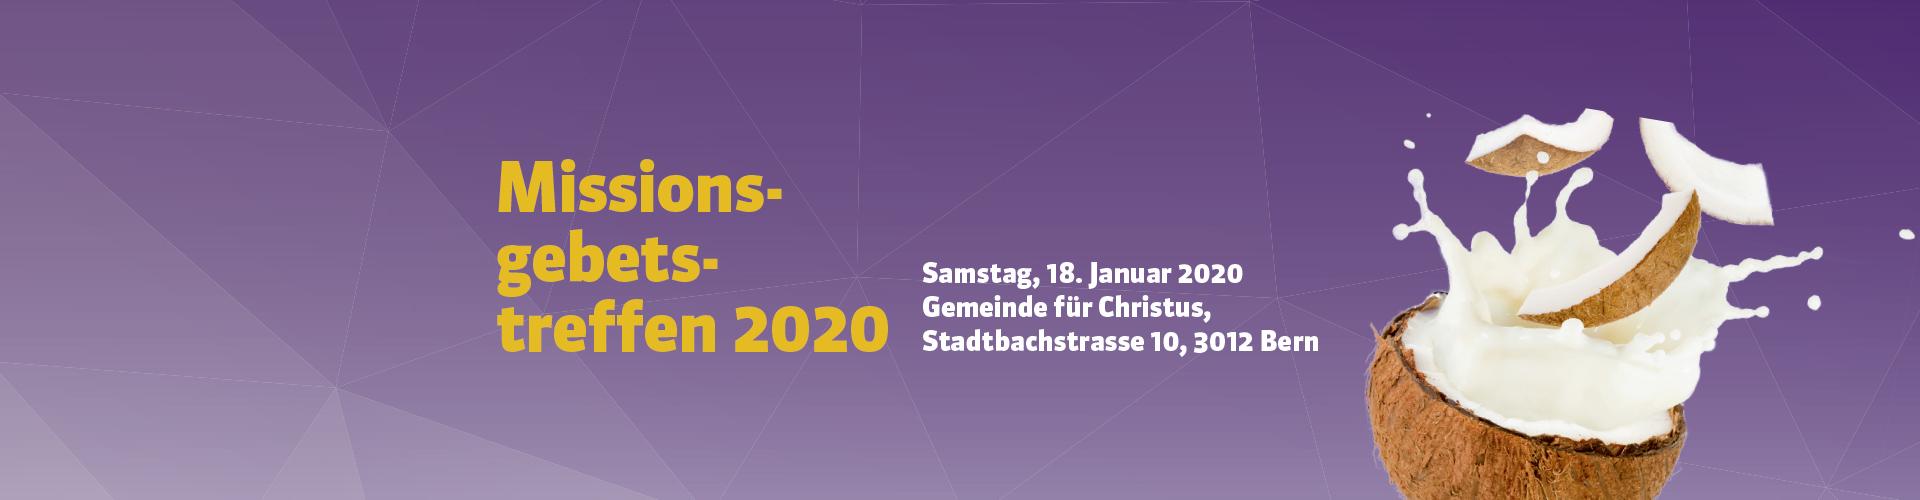 slider mission gebetstreffen 2020